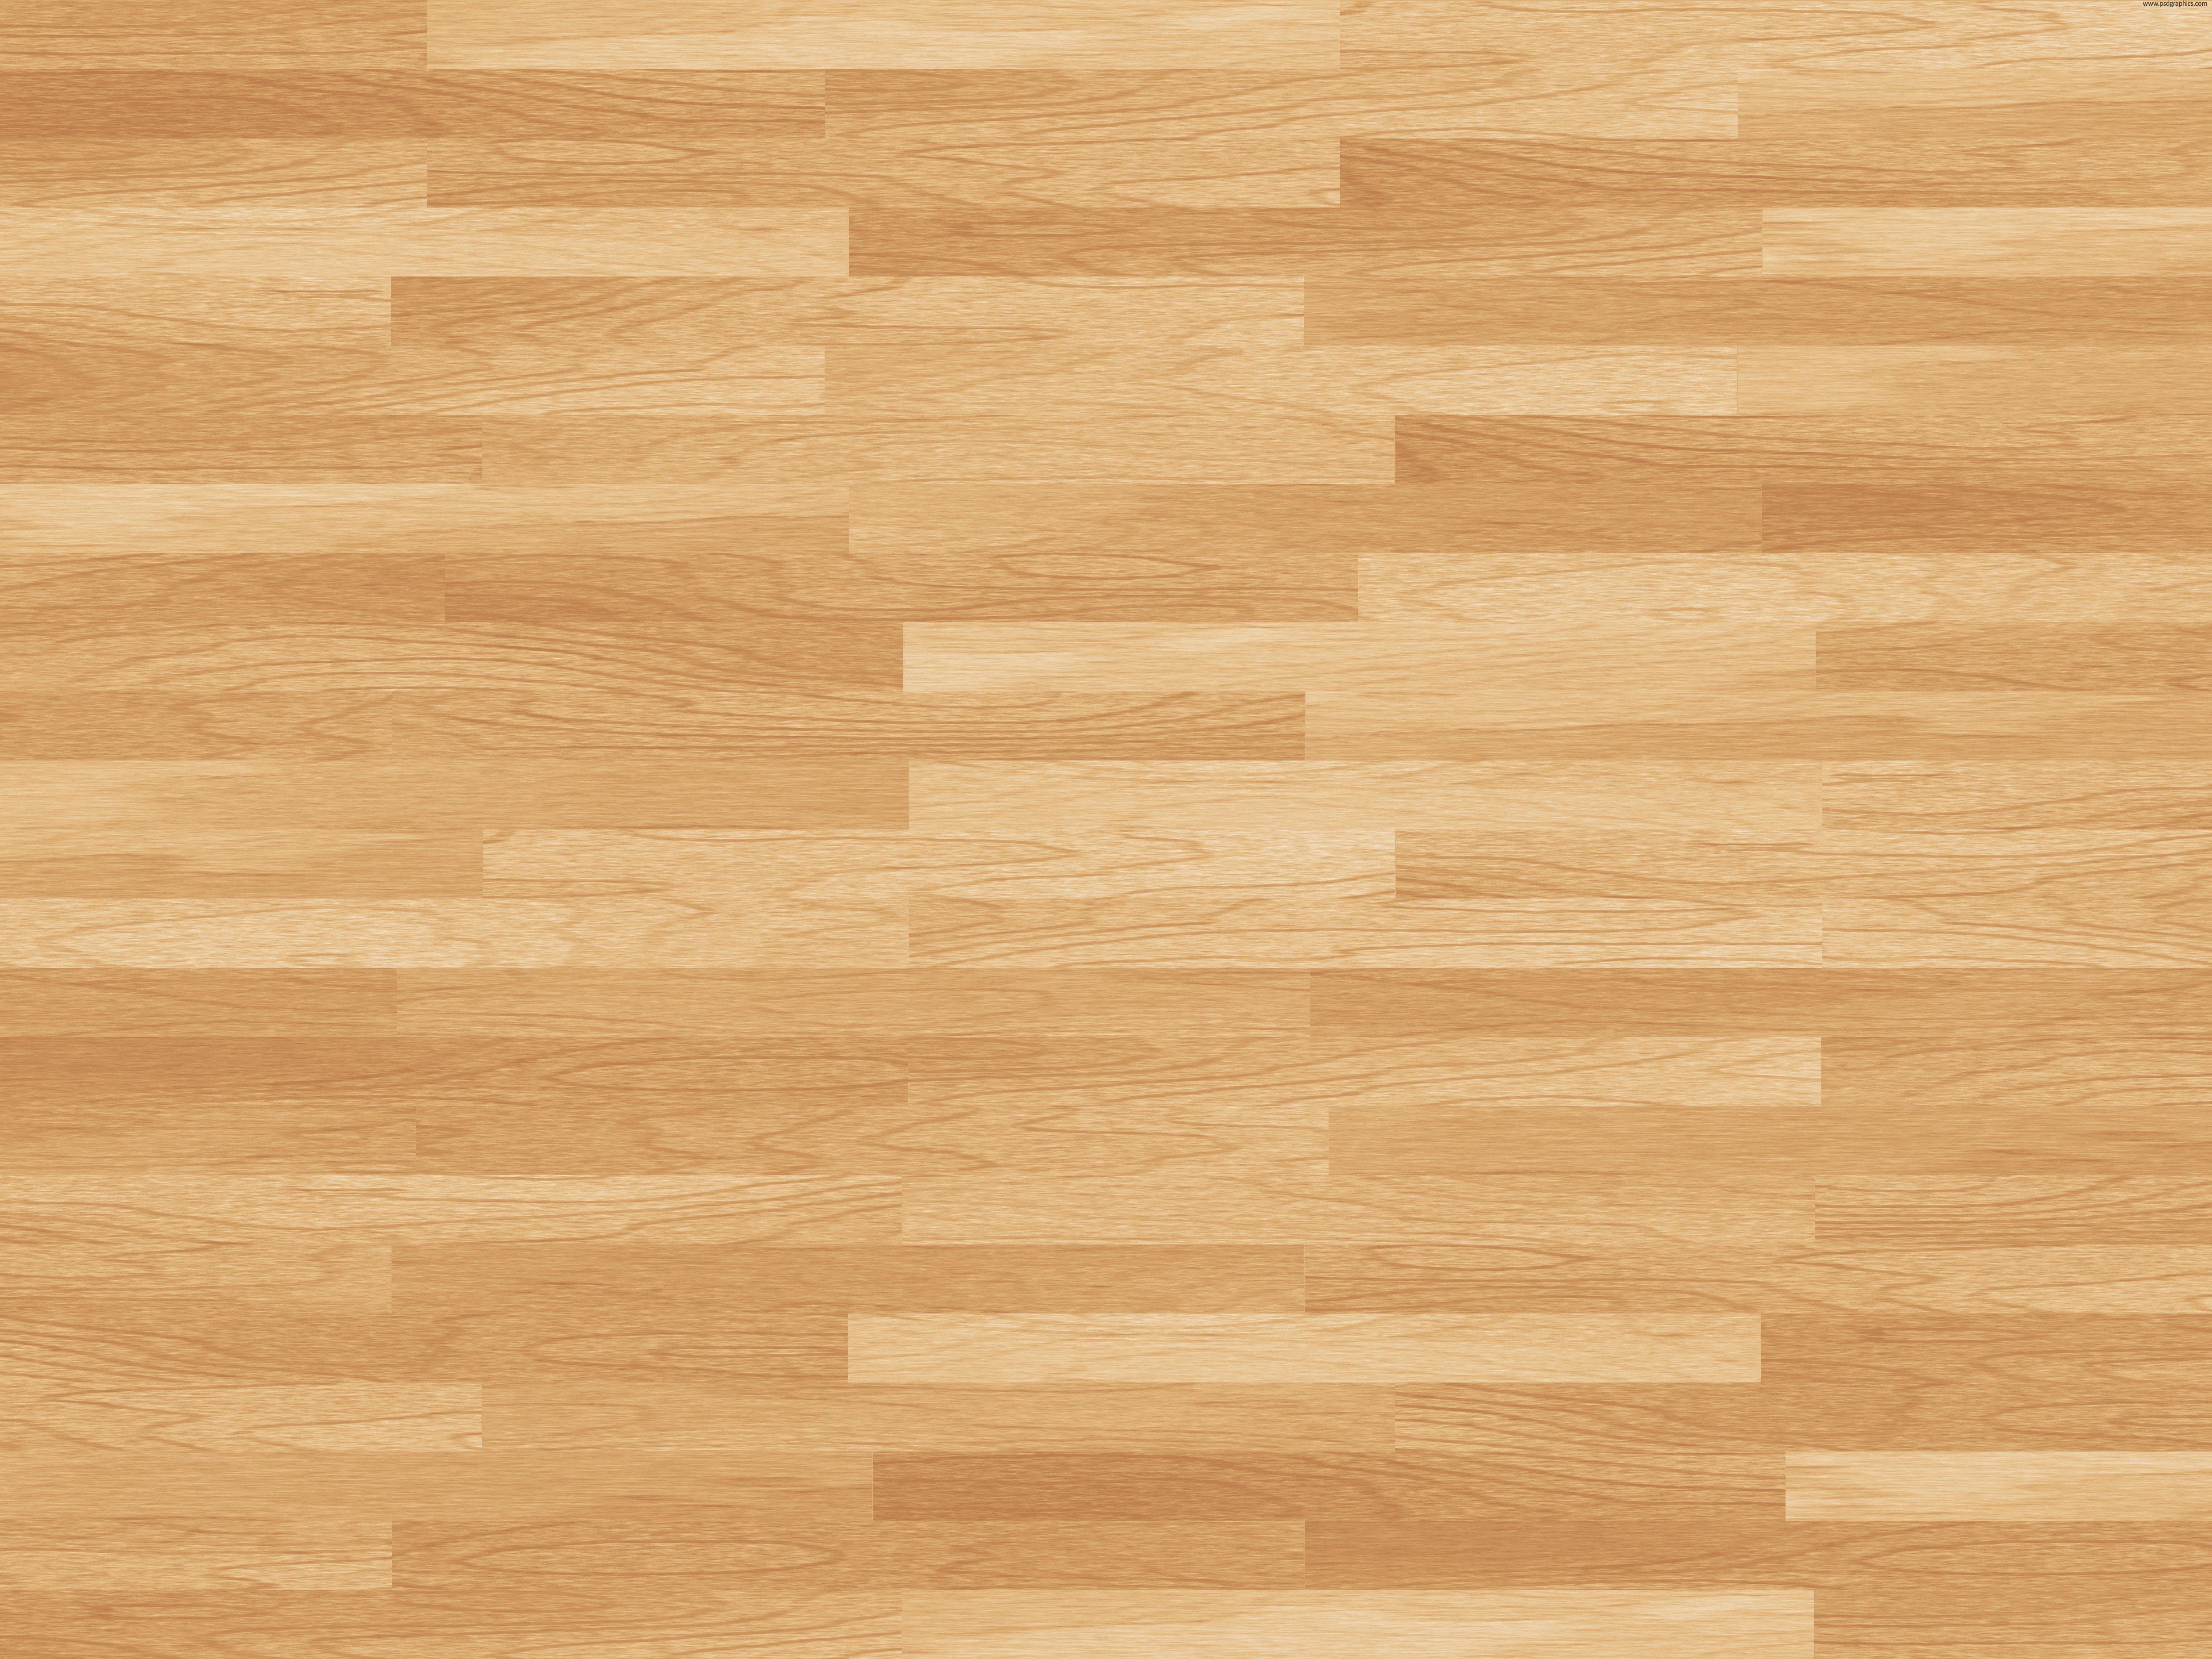 wooden floor texture cherry wood texture dark wood texture wooden 5000x3750